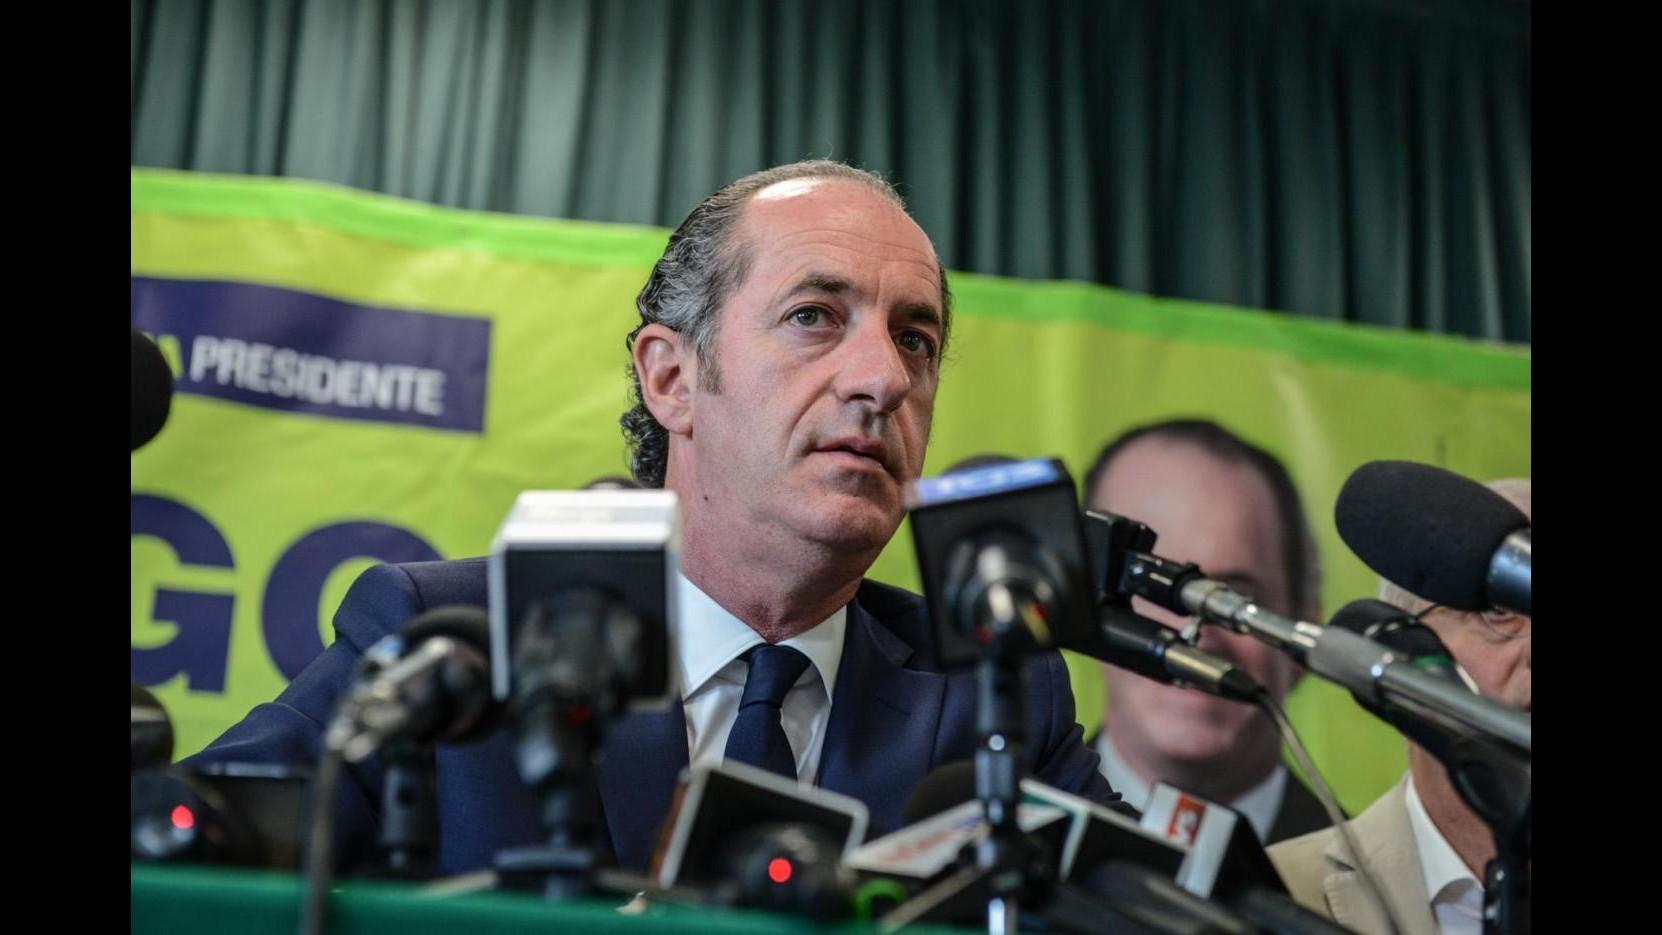 Regionali, concluse le operazioni di voto in Veneto, 3 i seggi non chiusi